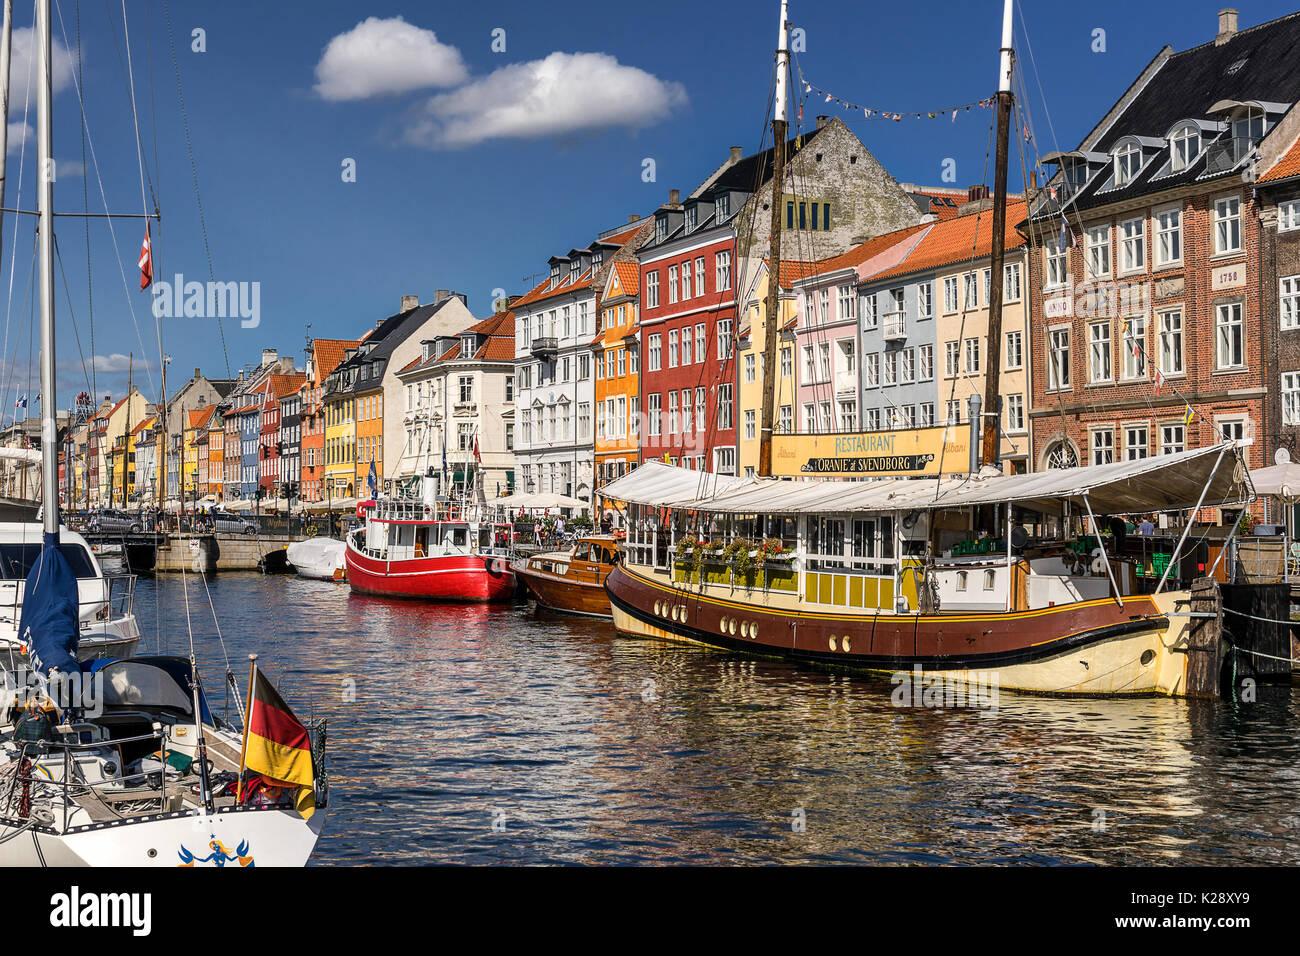 Nyhaven inner harbour in Copenhagen - Stock Image